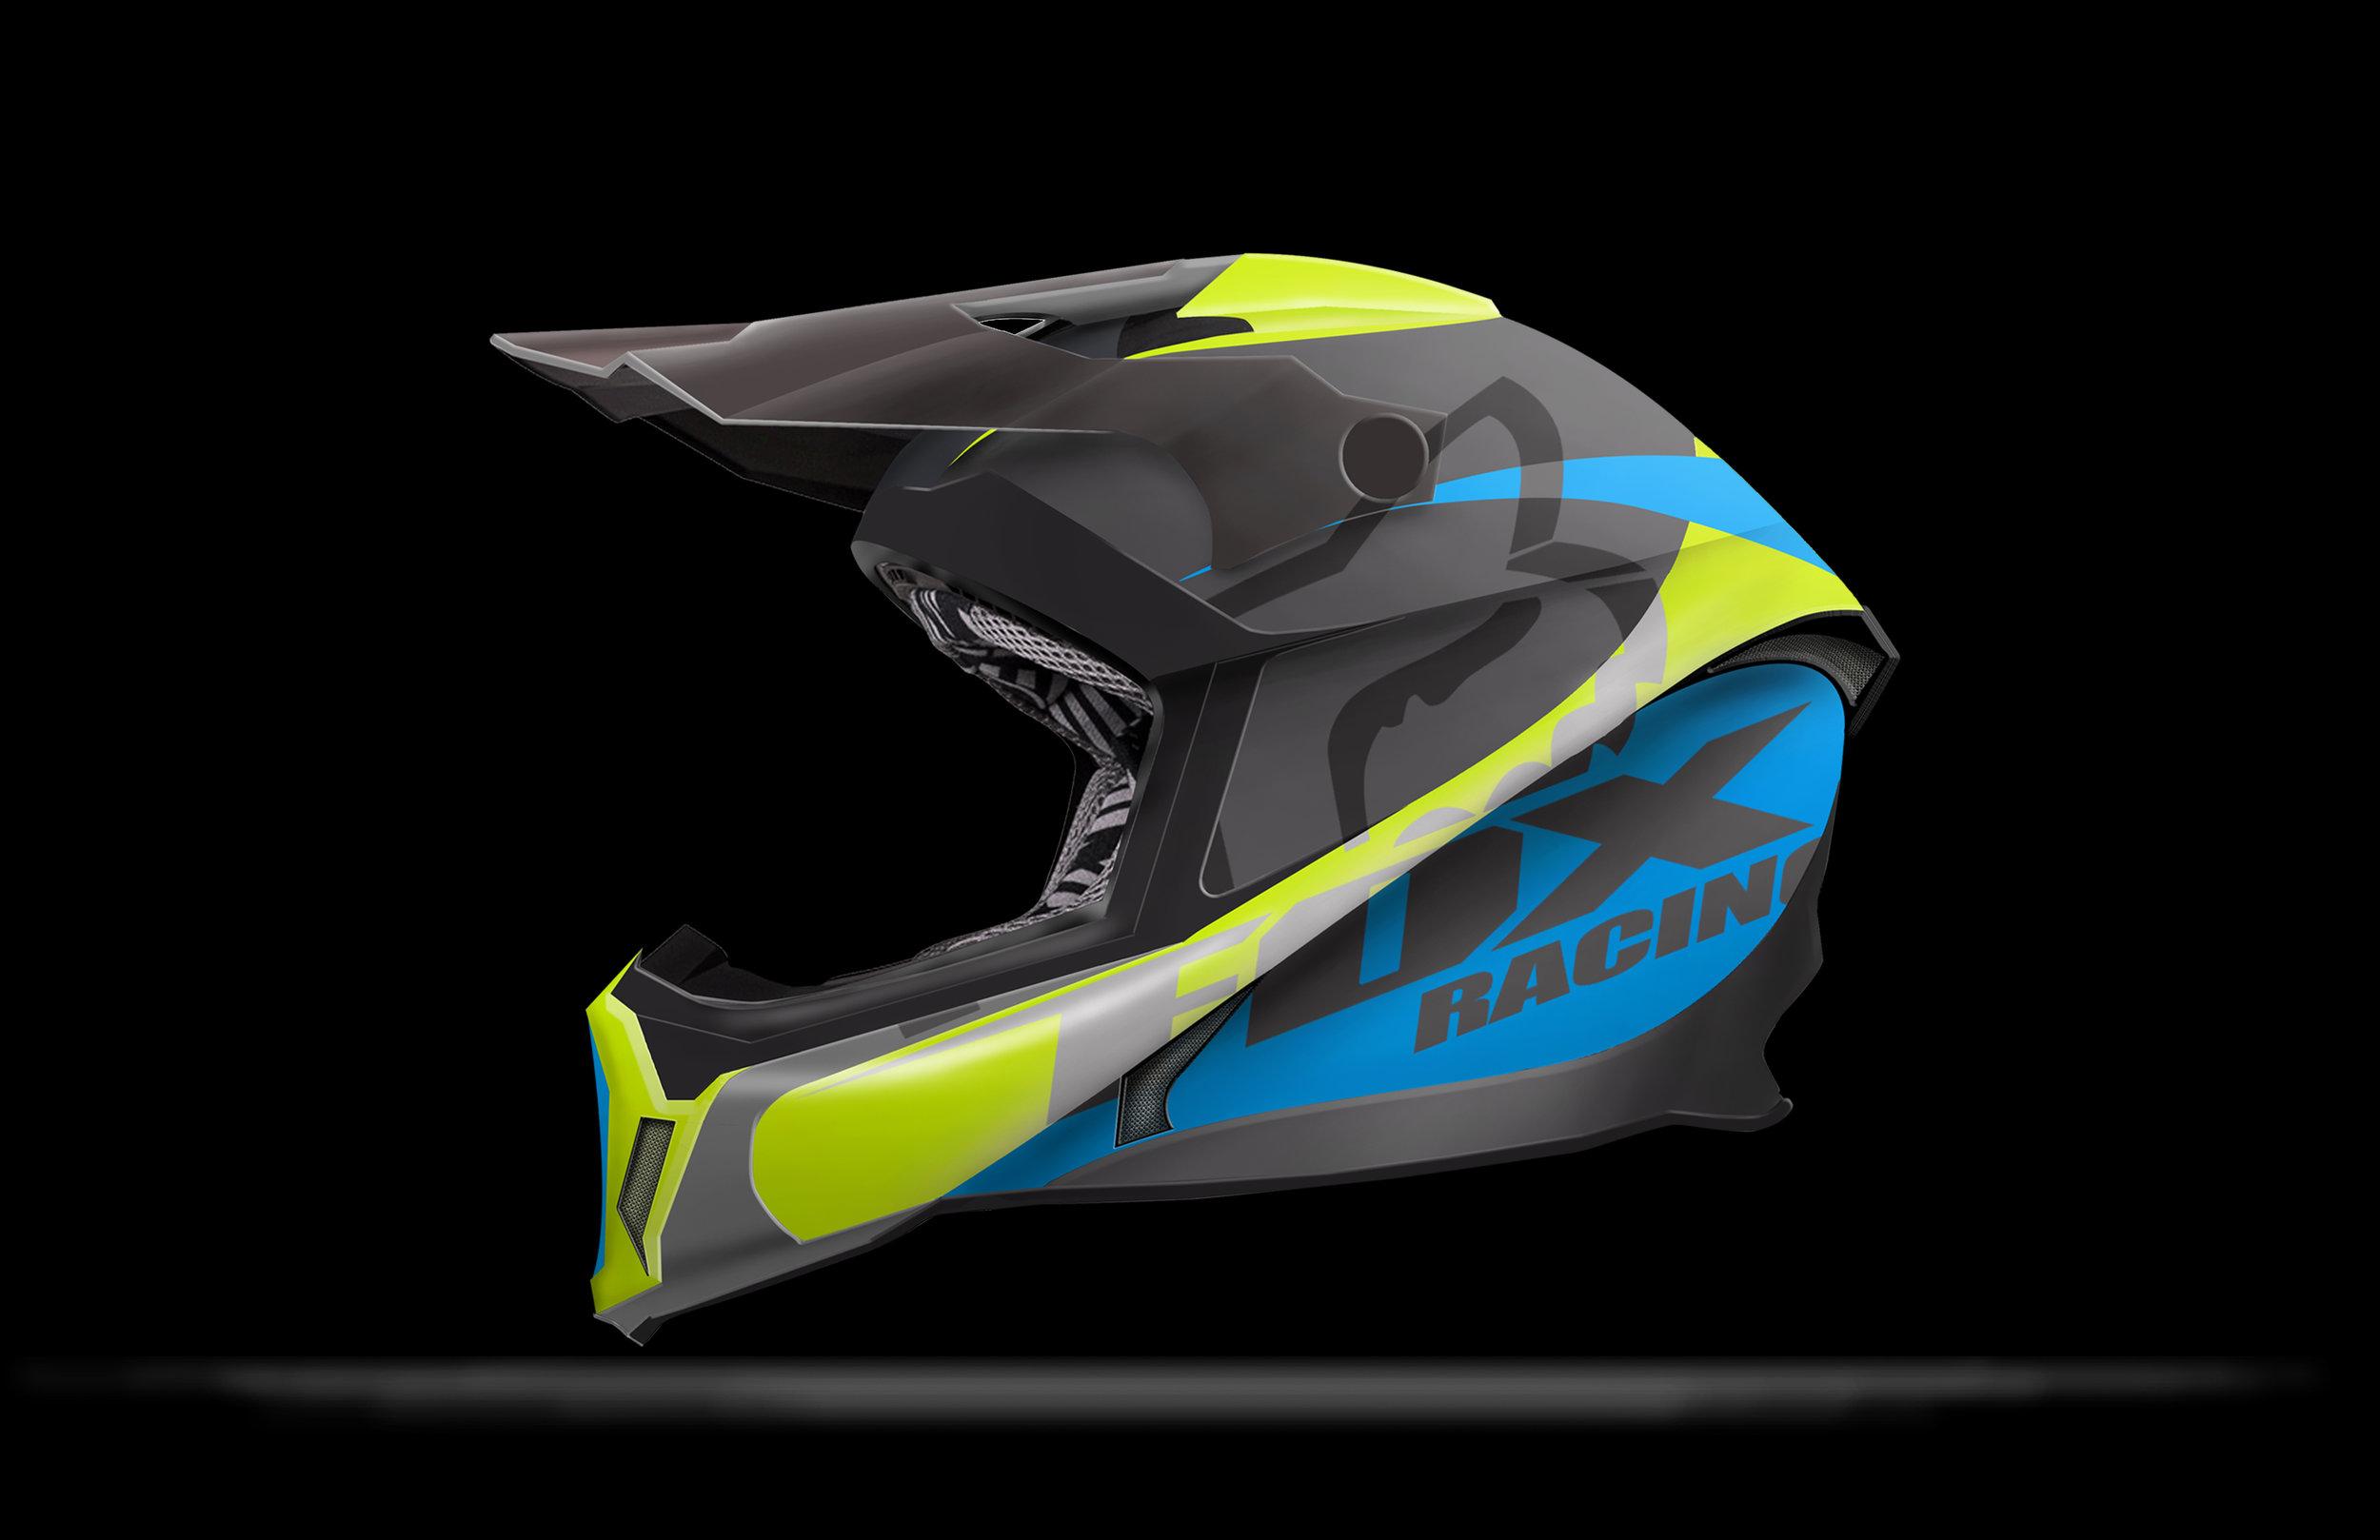 Fox Racing Helmet Jade Bartlett Designs